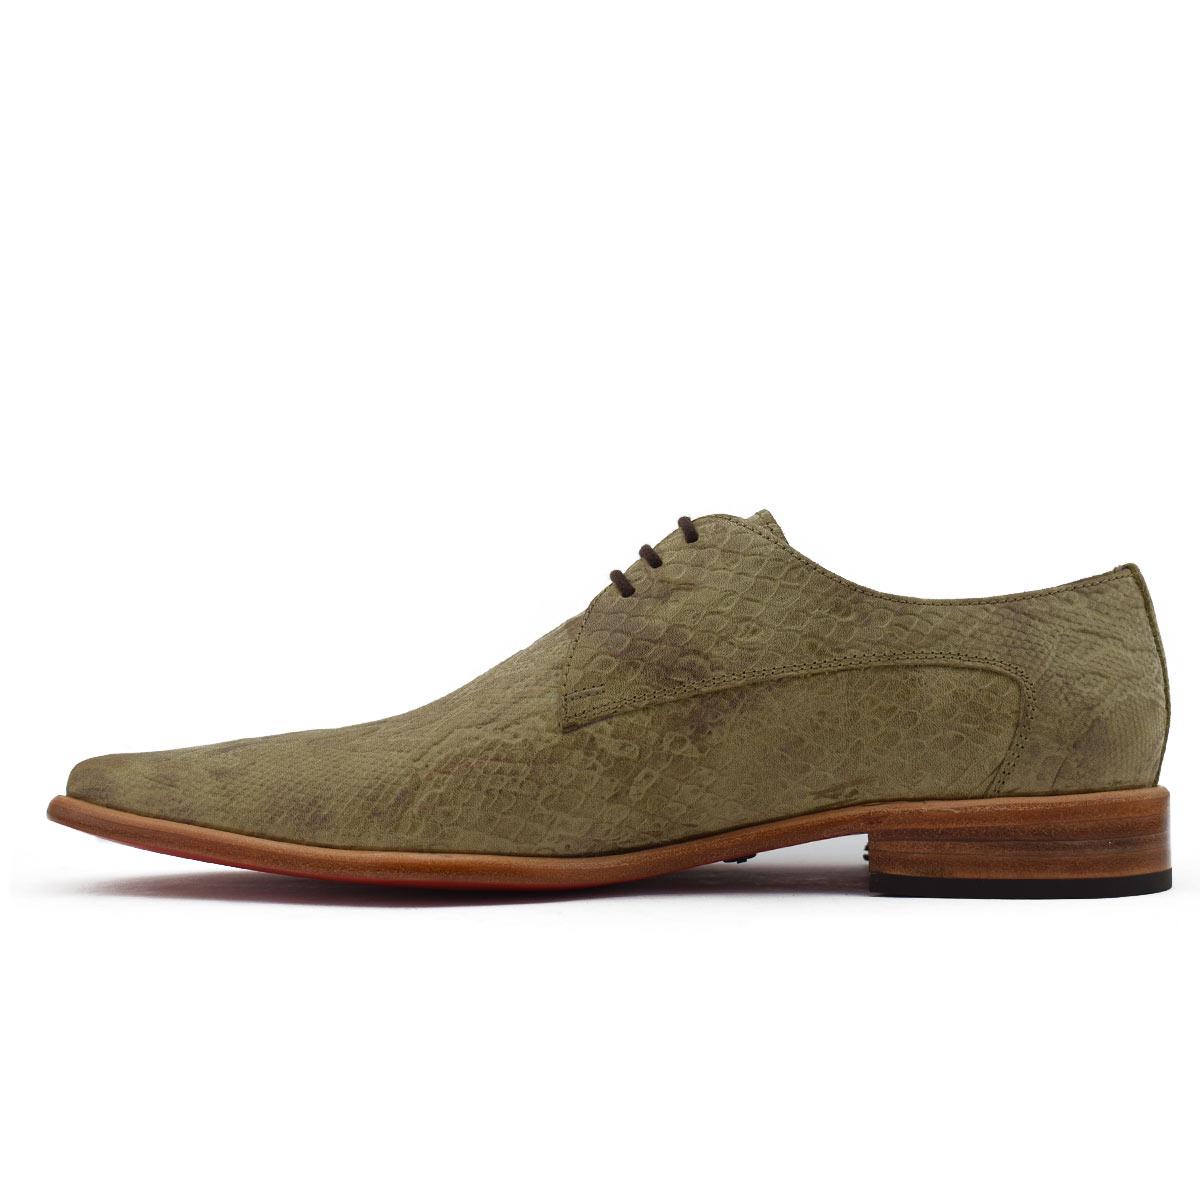 4d9ee368acc Zapato de vestir T-13011-RV